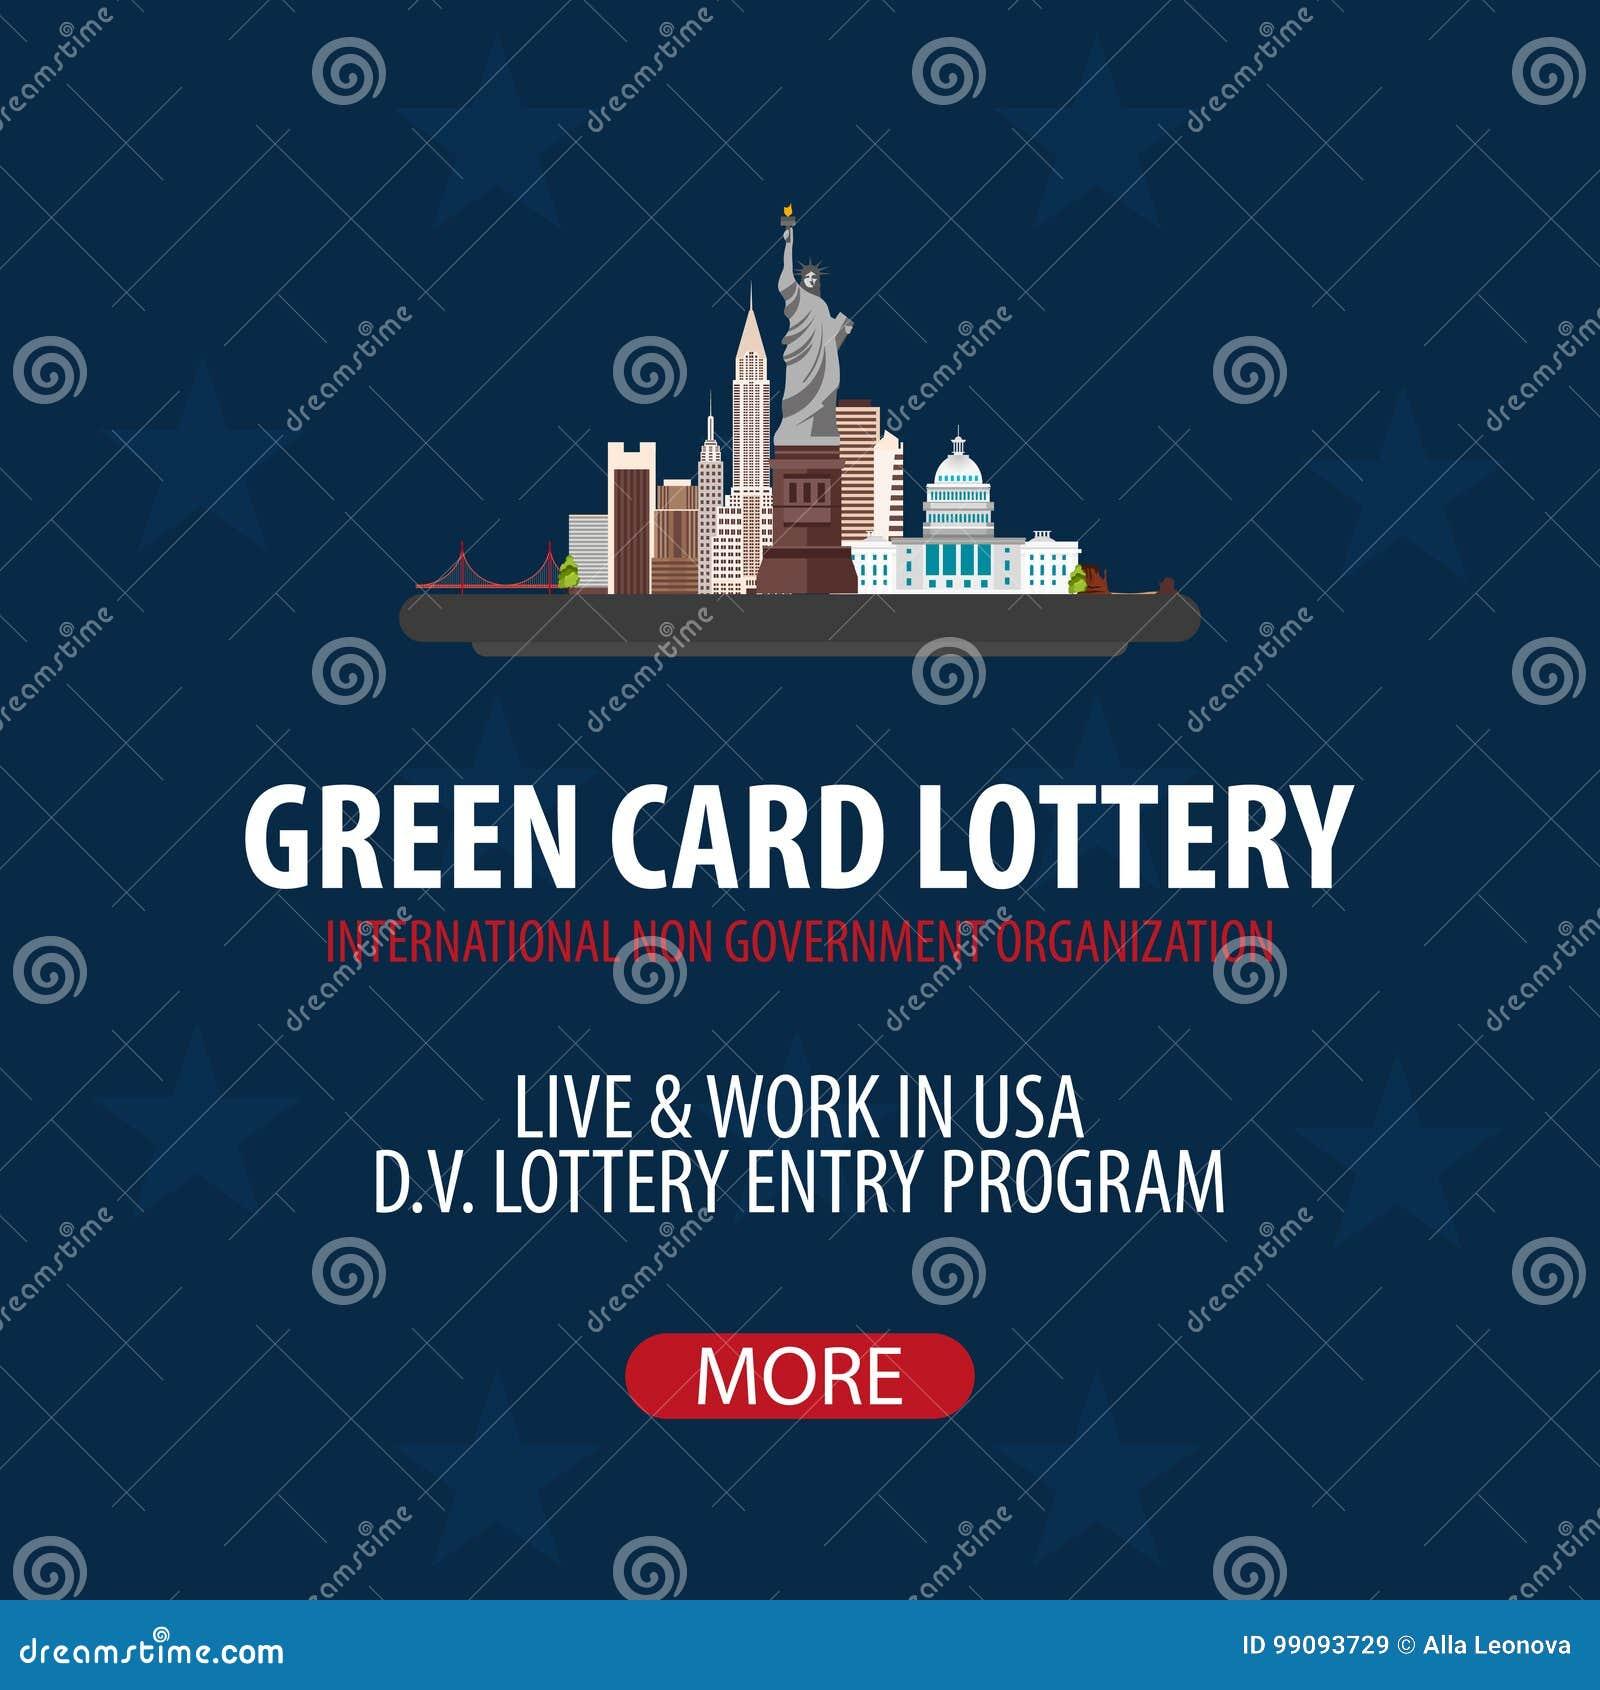 绿卡抽奖横幅 移民和签证向美国